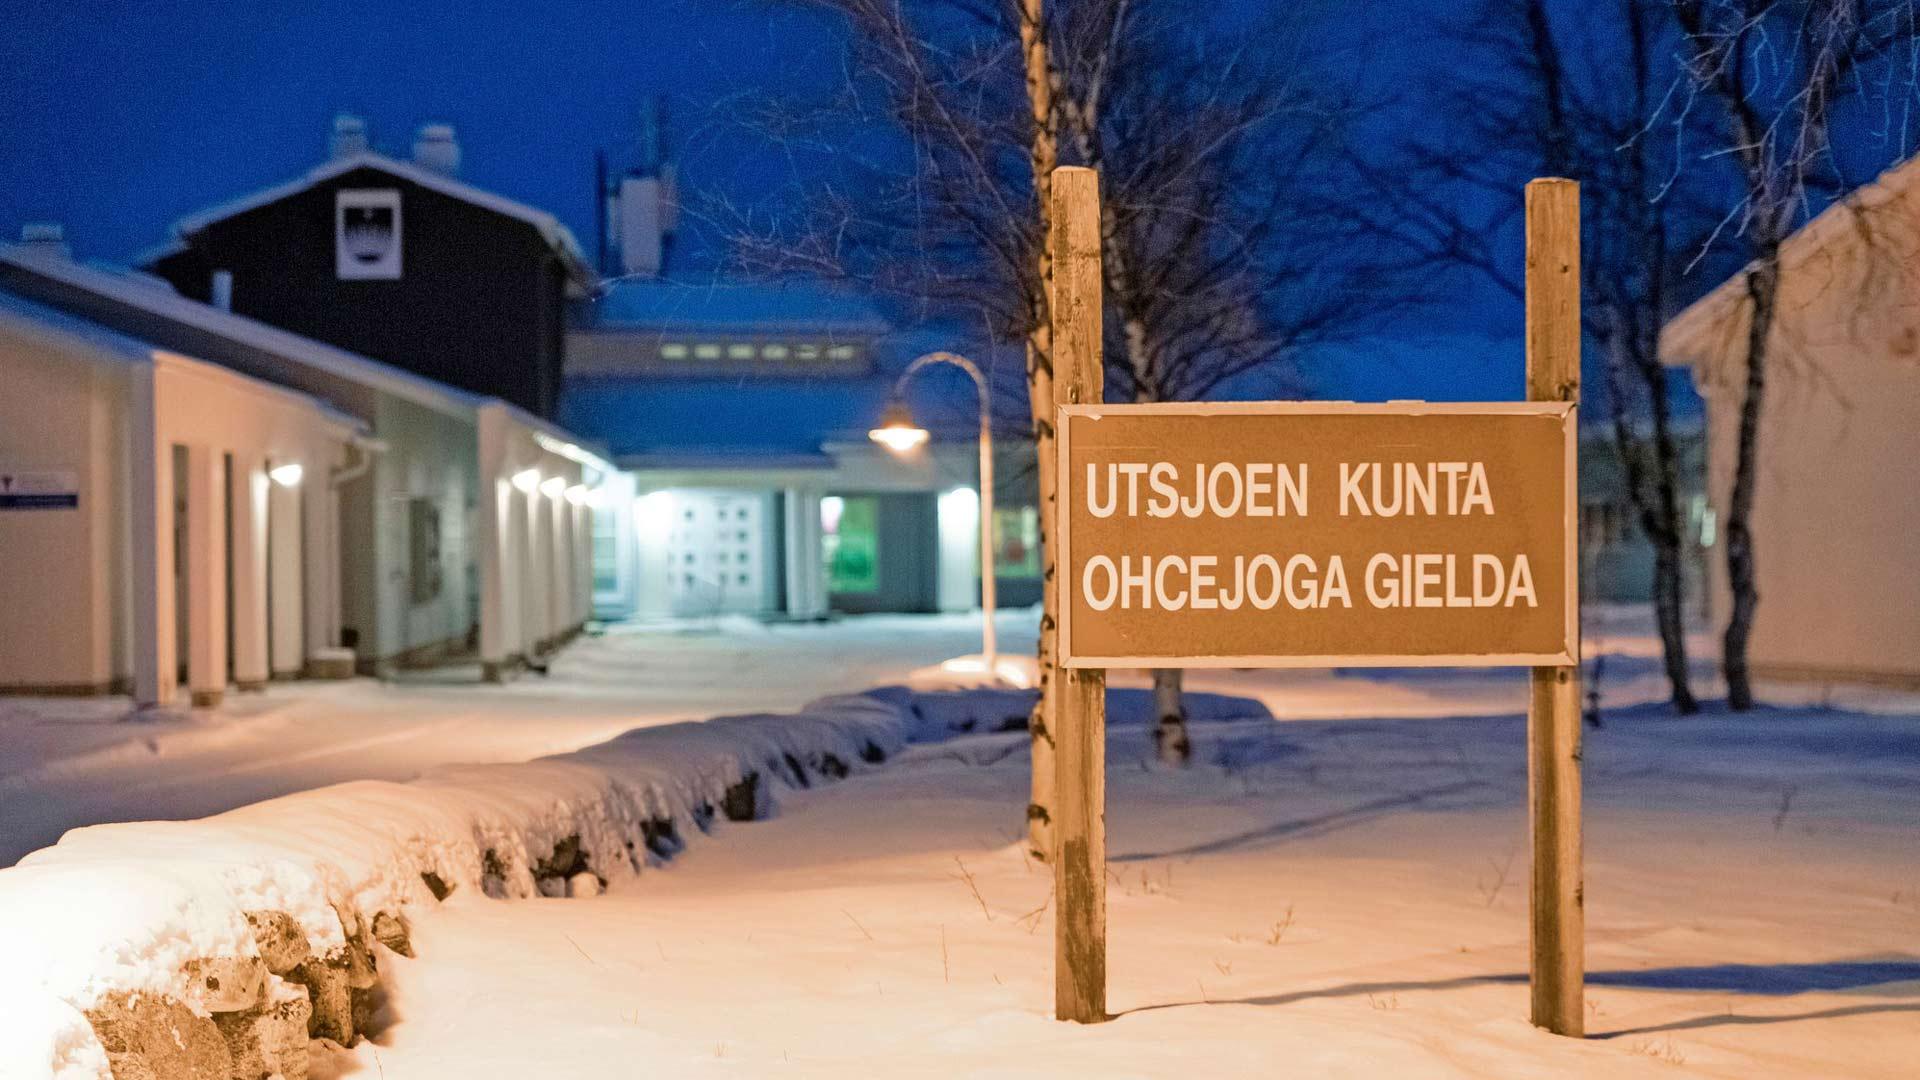 Jos haluaa kokea, miten pitkä kaamos vaikuttaa omaan mieleen, Utsjoki on oikea osoite. Aurinko pysyy horisontin alapuolella yli 50 vuorokautta, kun esimerkiksi Inarin korkeudella kaamospäivät jäävät reiluun kolmeenkymmeneen, Rovaniemellä enää kahteen.